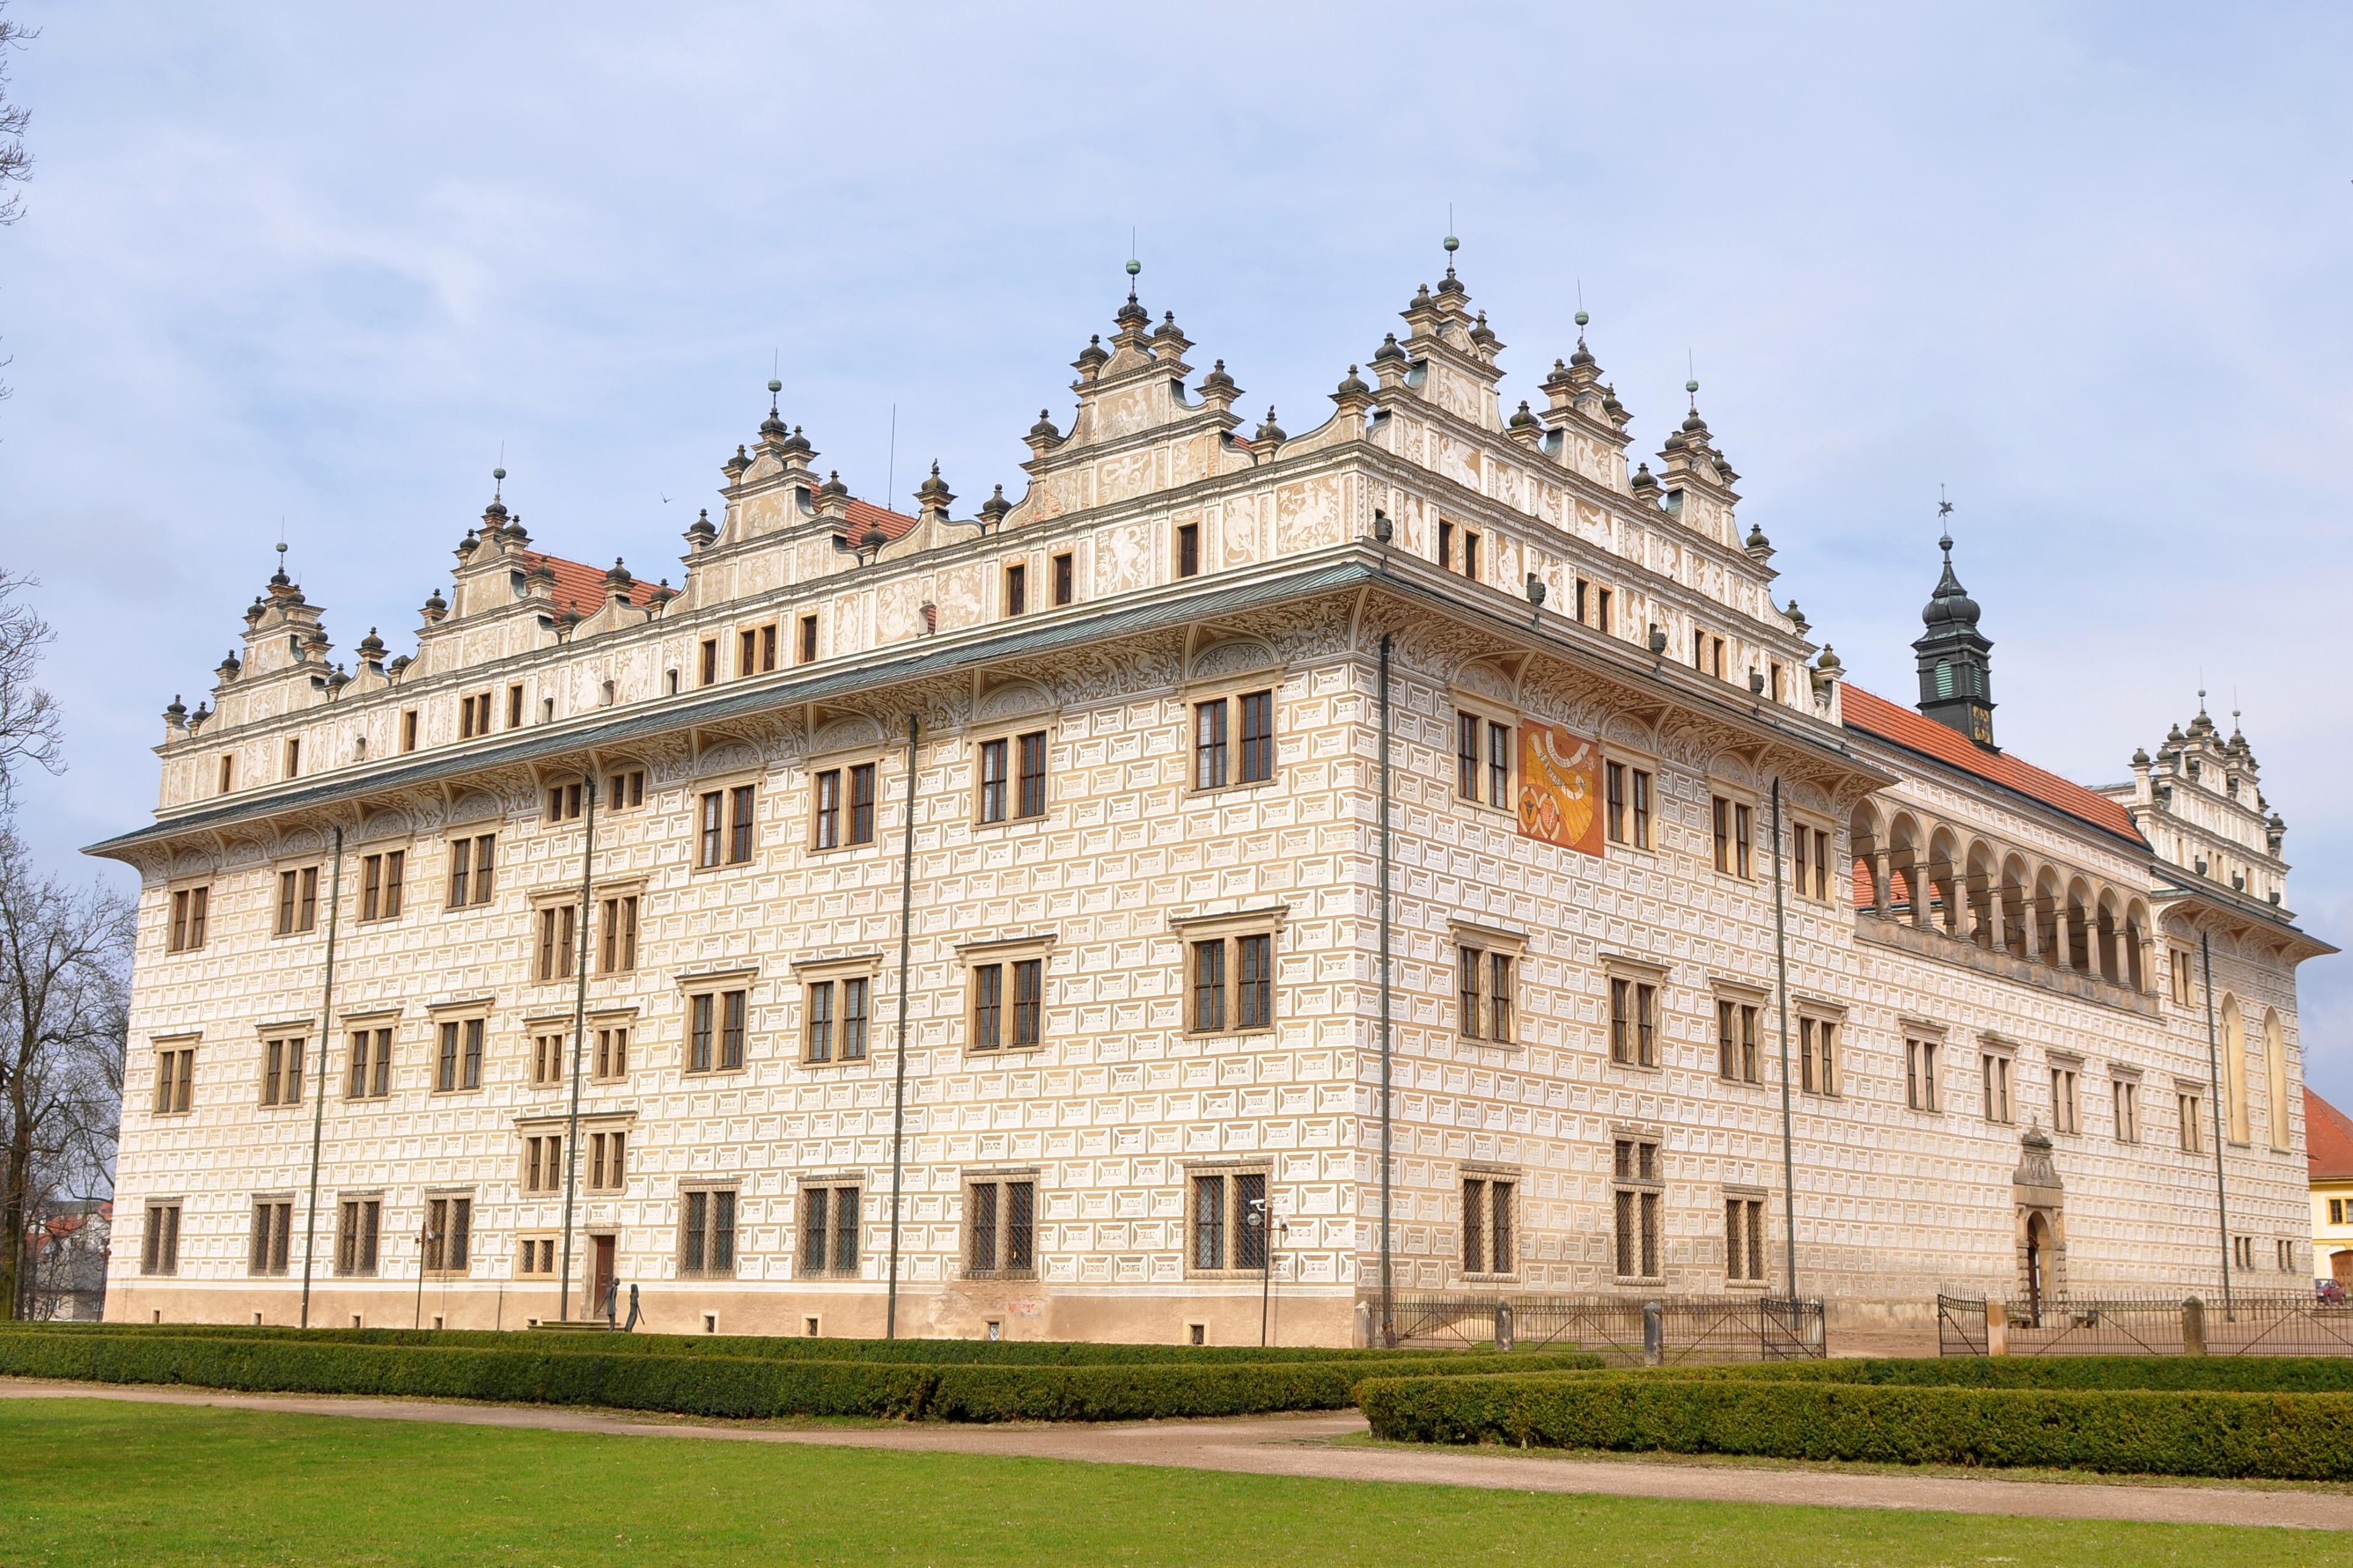 Pardubice (regio), Tsjechië